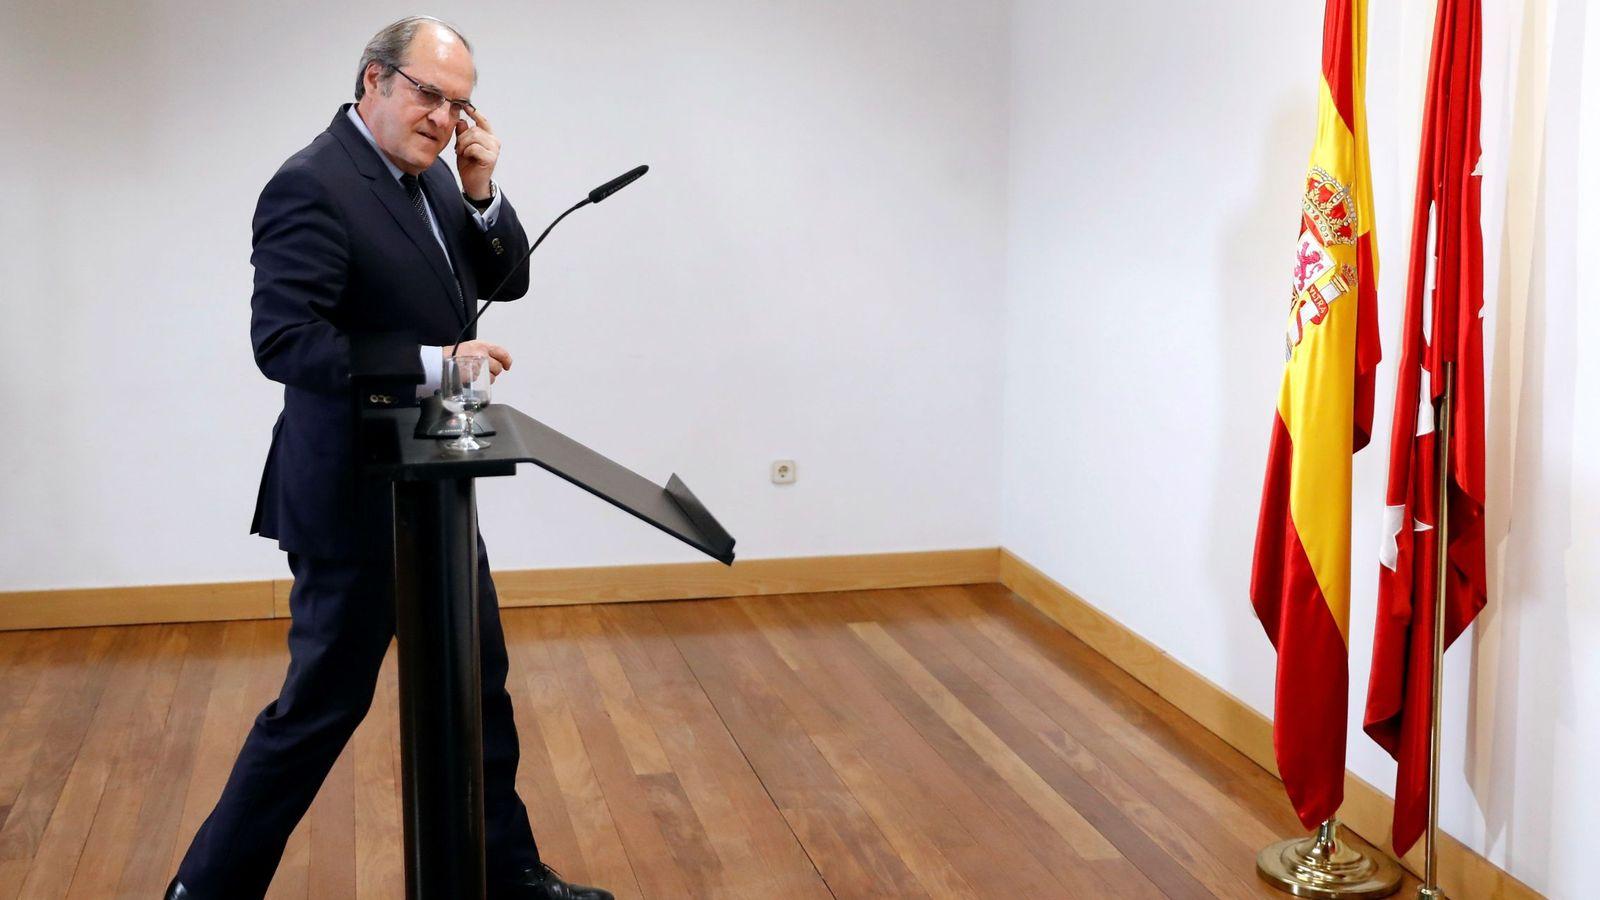 Foto: El exministro Ángel Gabilondo, portavoz socialista en la Asamblea de Madrid, el pasado 7 de mayo en la Cámara regional. (EFE)